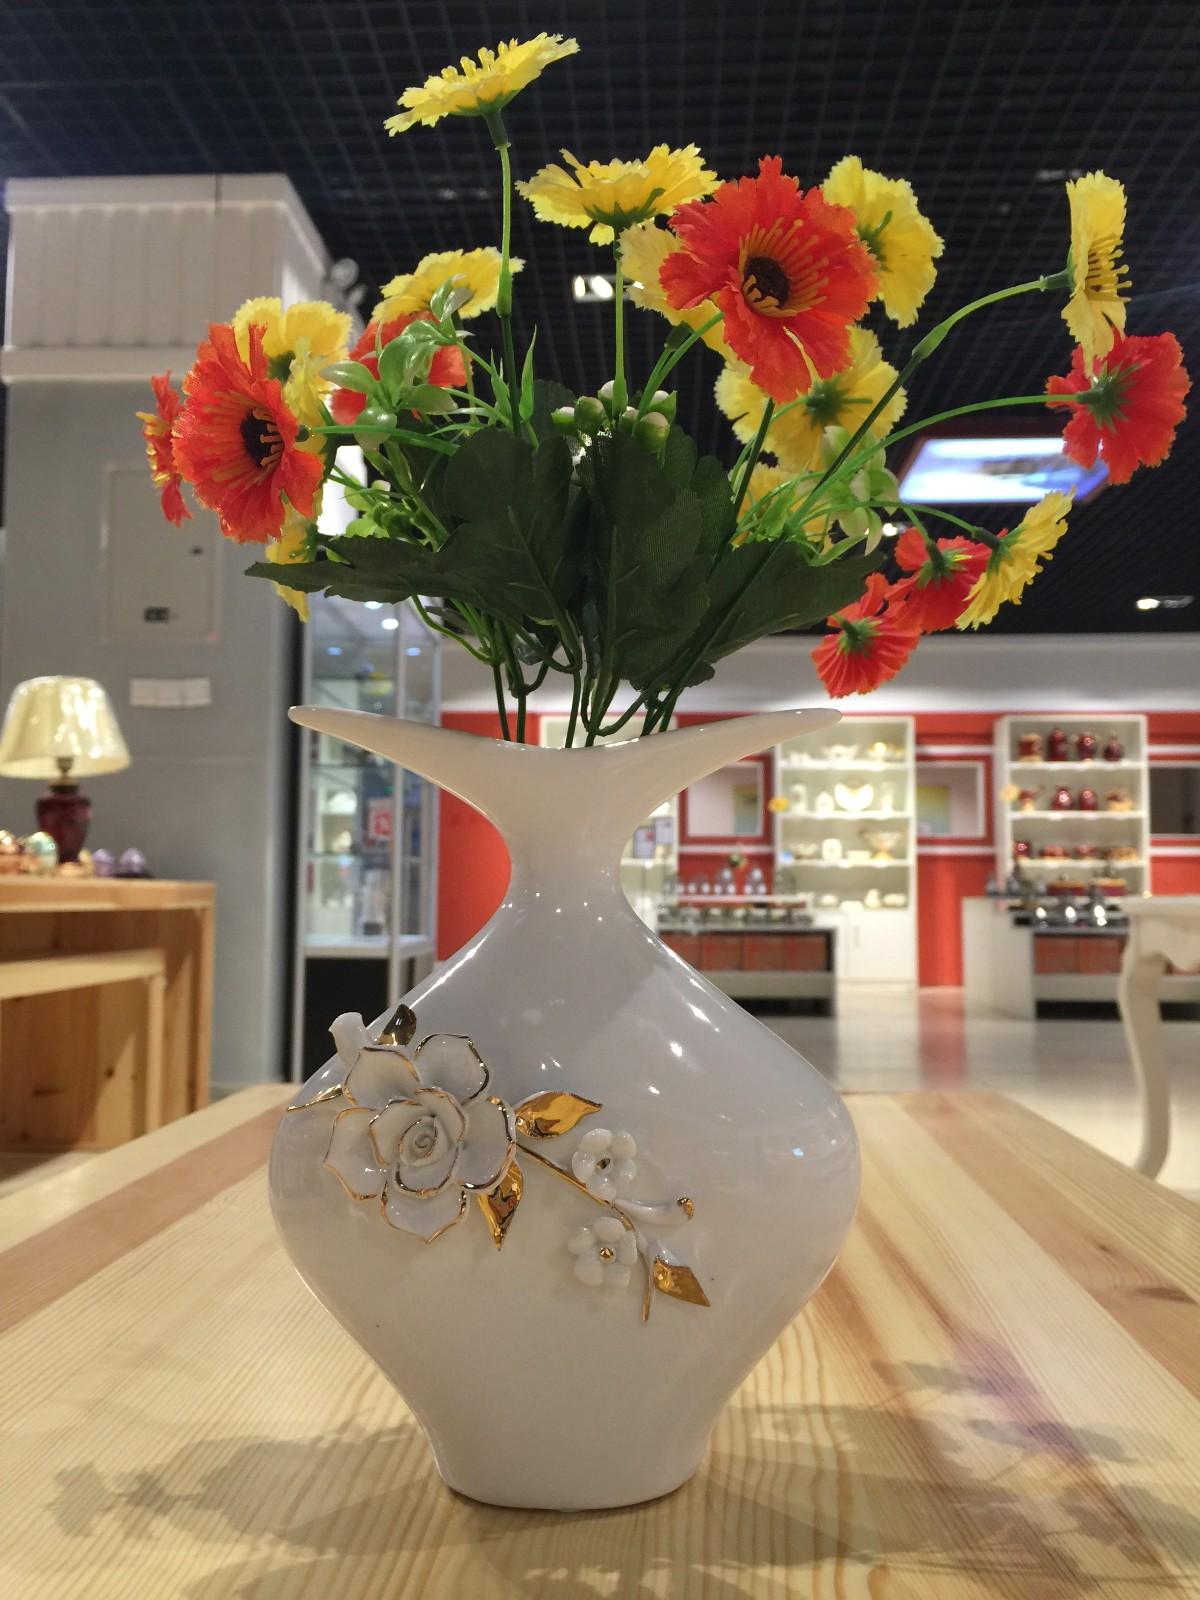 俄罗斯陶瓷工艺品 艺术花瓶图片三